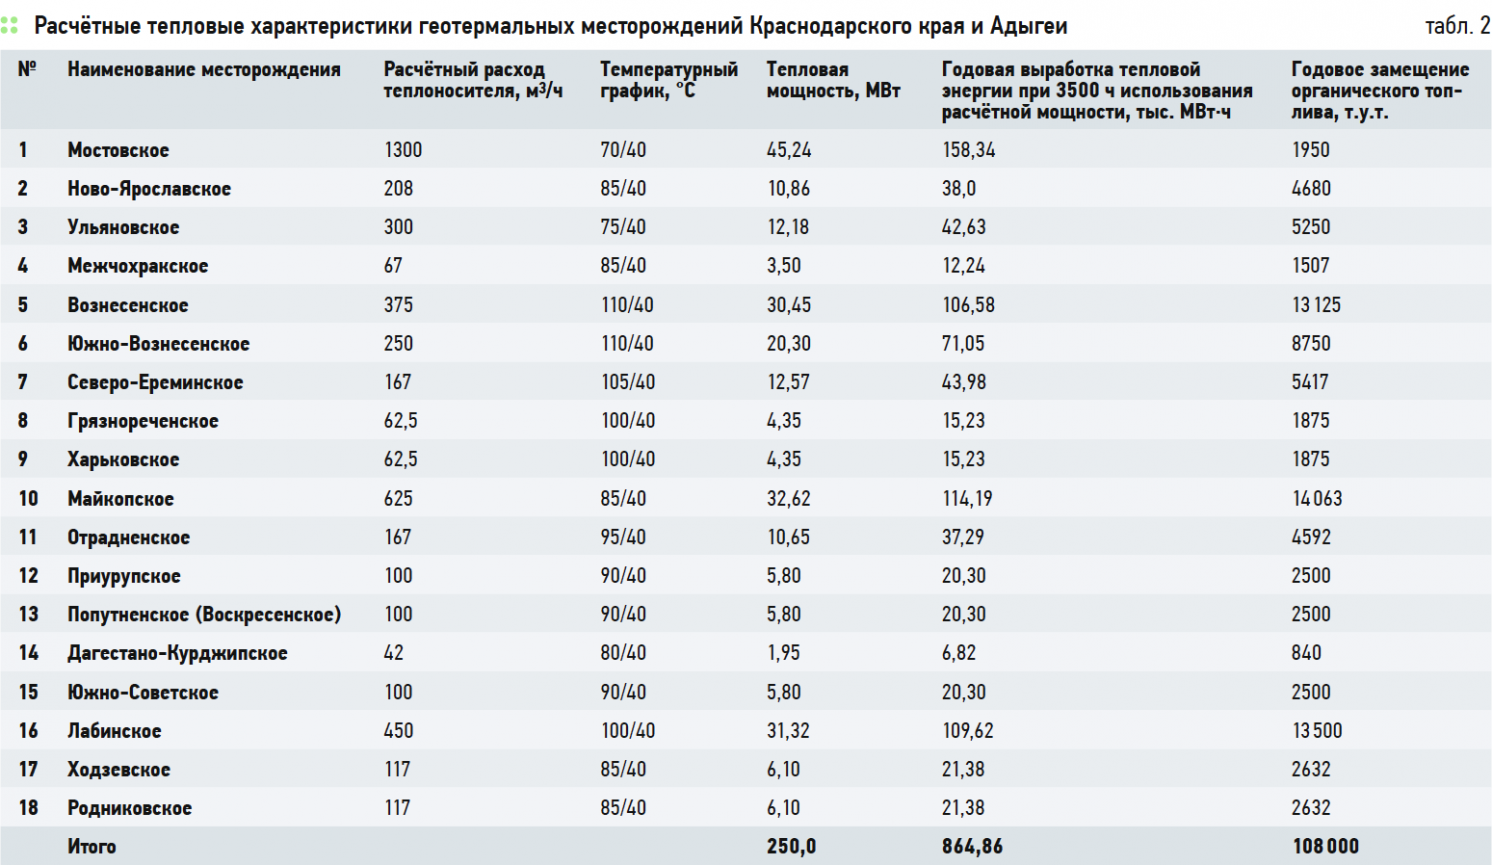 Геотермия Краснодарского края: ресурсы, опыт использования, перспективы. 4/2019. Фото 3